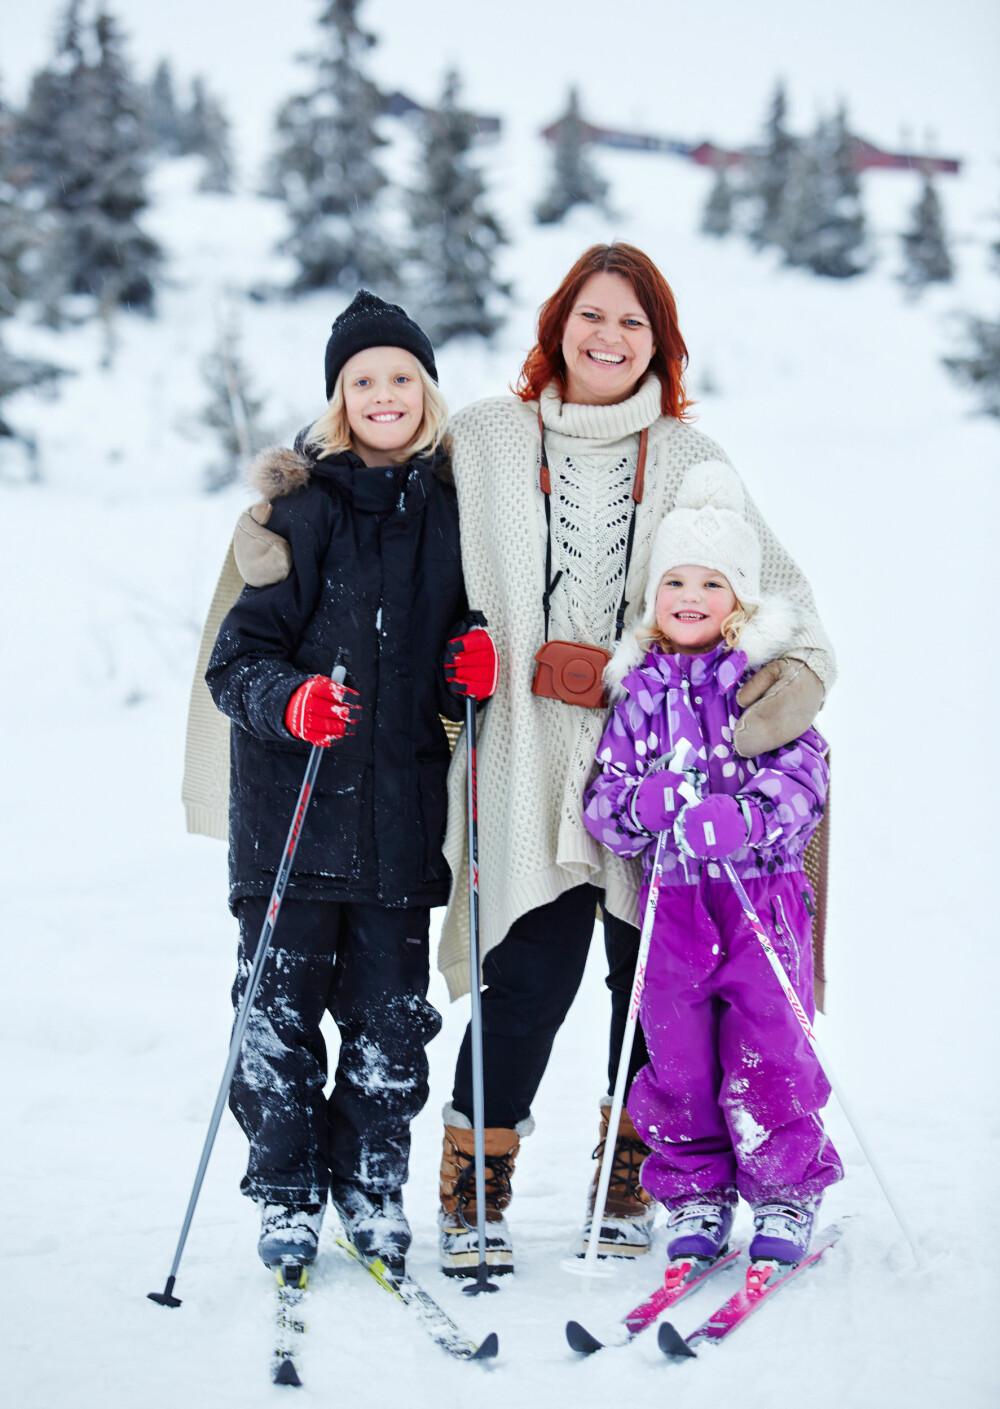 FAMILIEKOS: Hele familien trives på hytta på Gol. Skiturer og uteaktiviteter er stor stas.